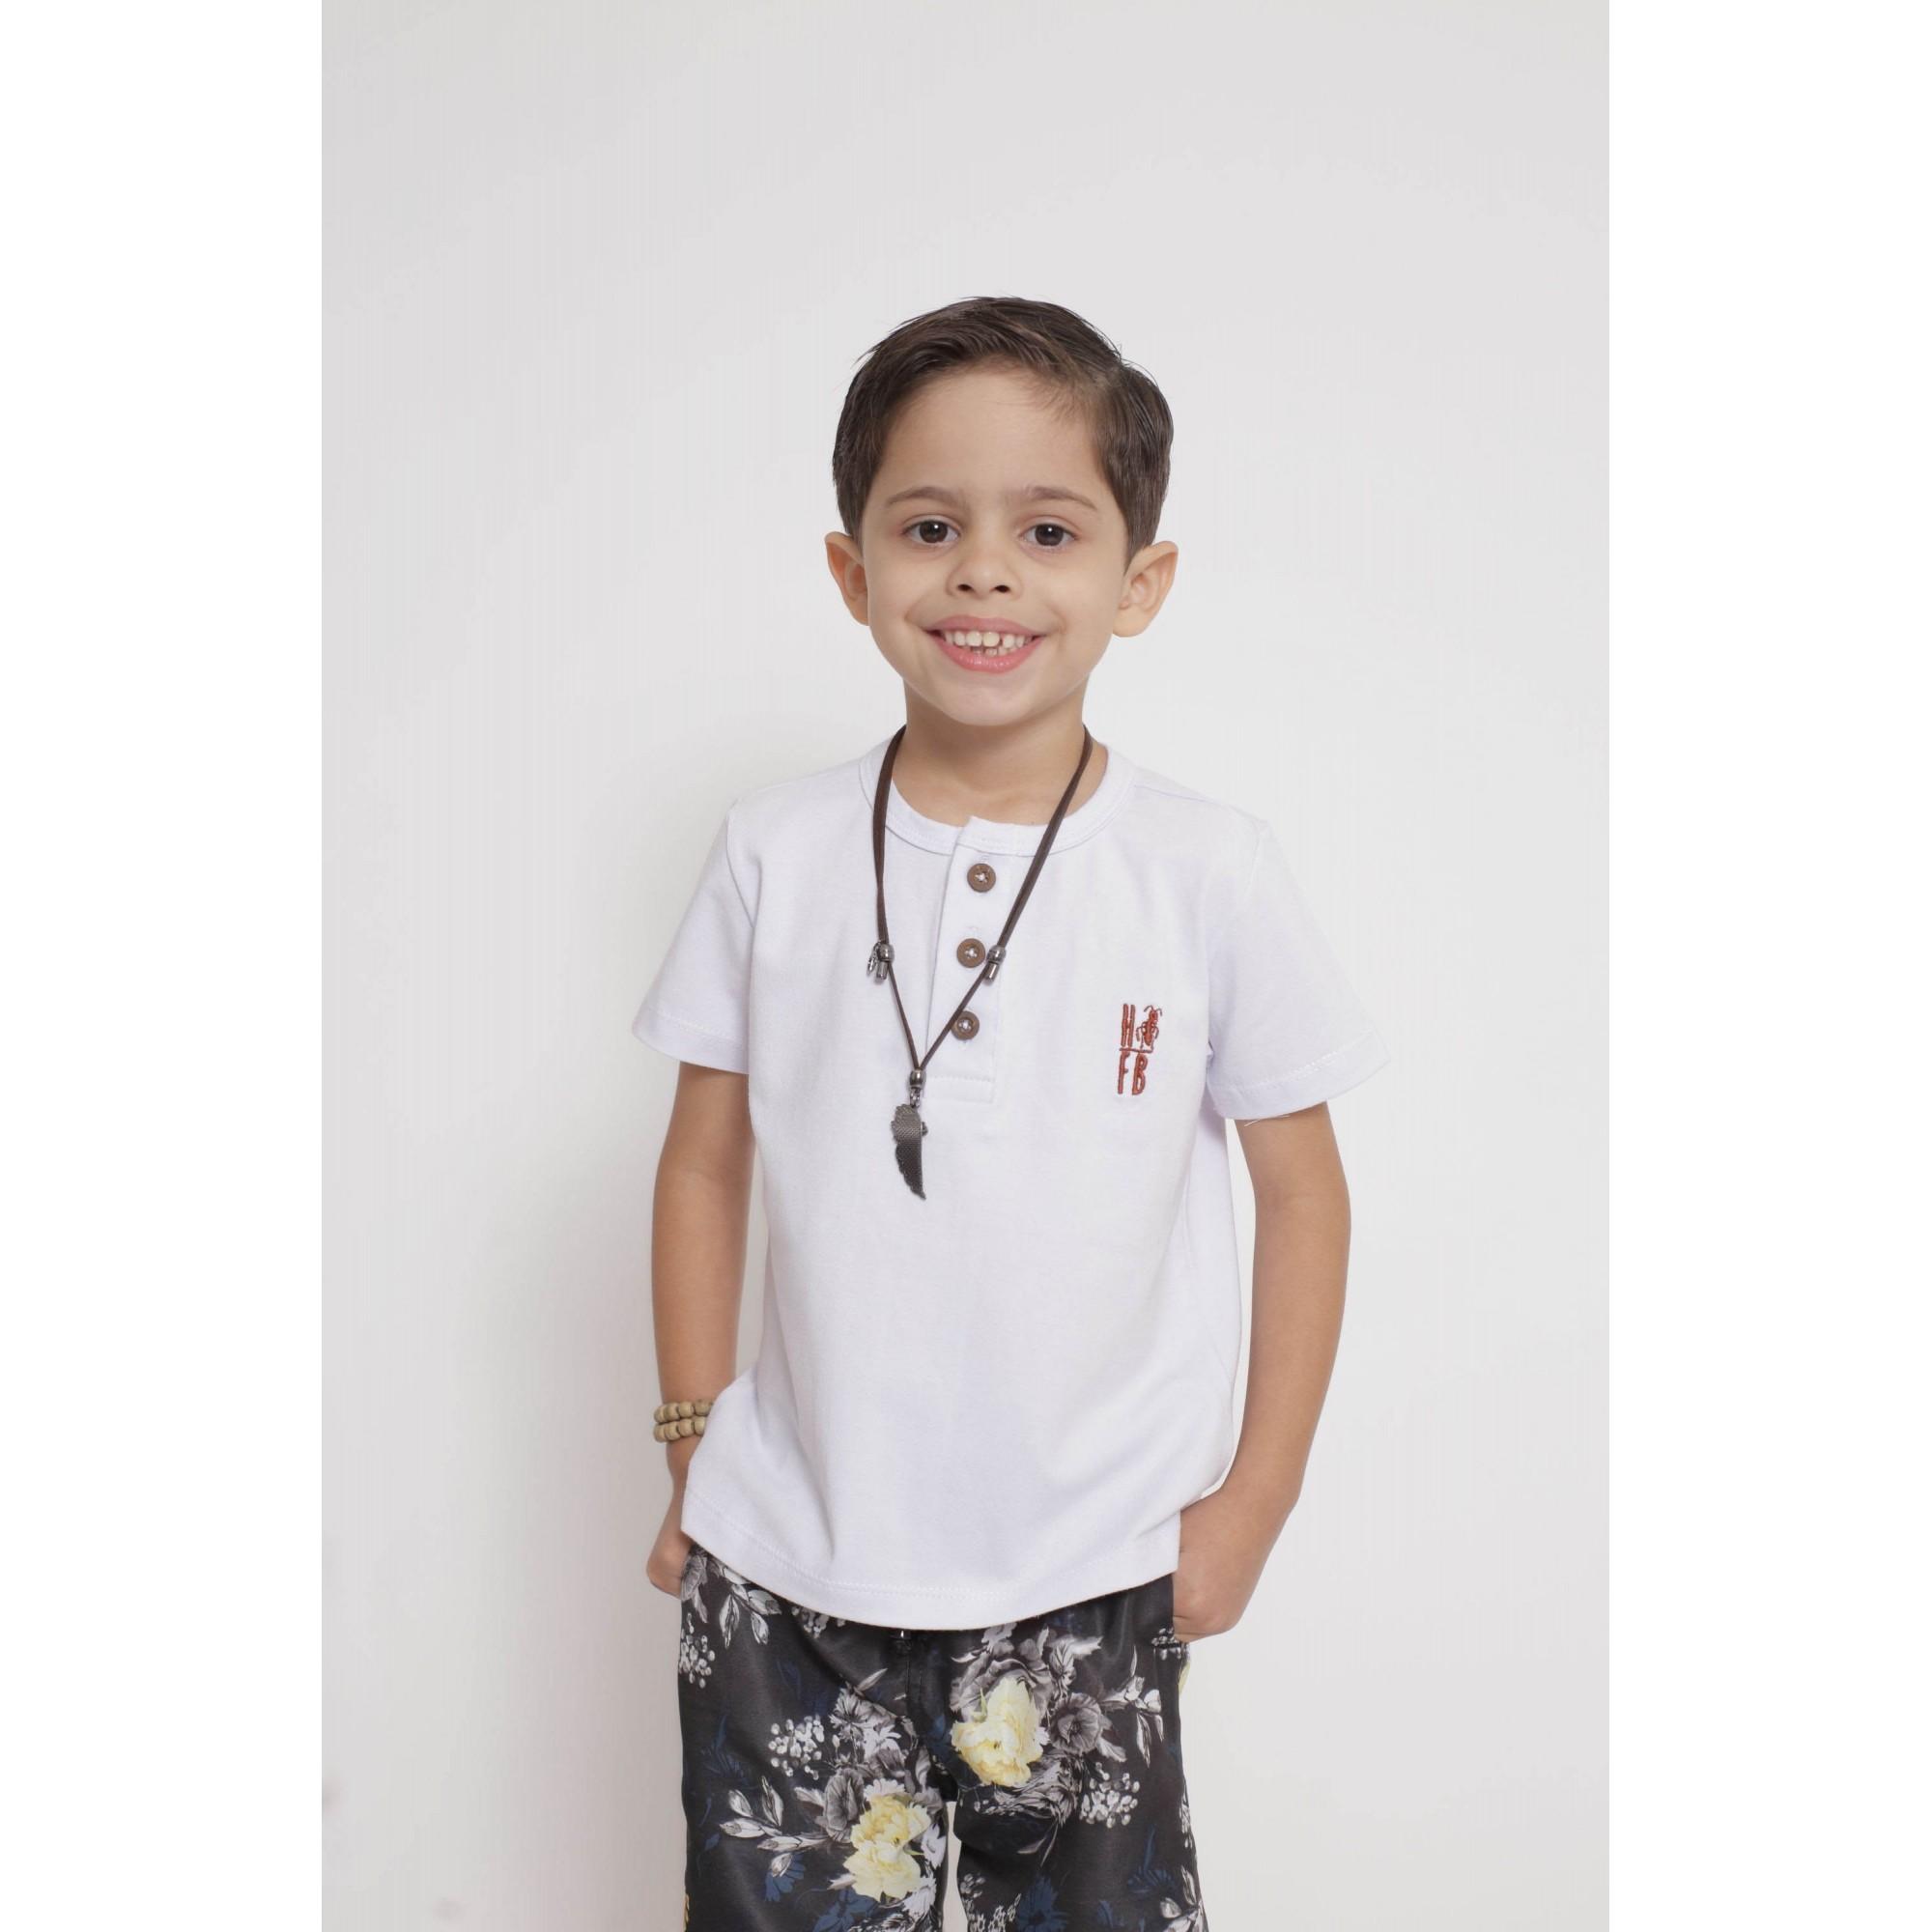 Bermuda Infantil Preta Floral  - Heitor Fashion Brazil